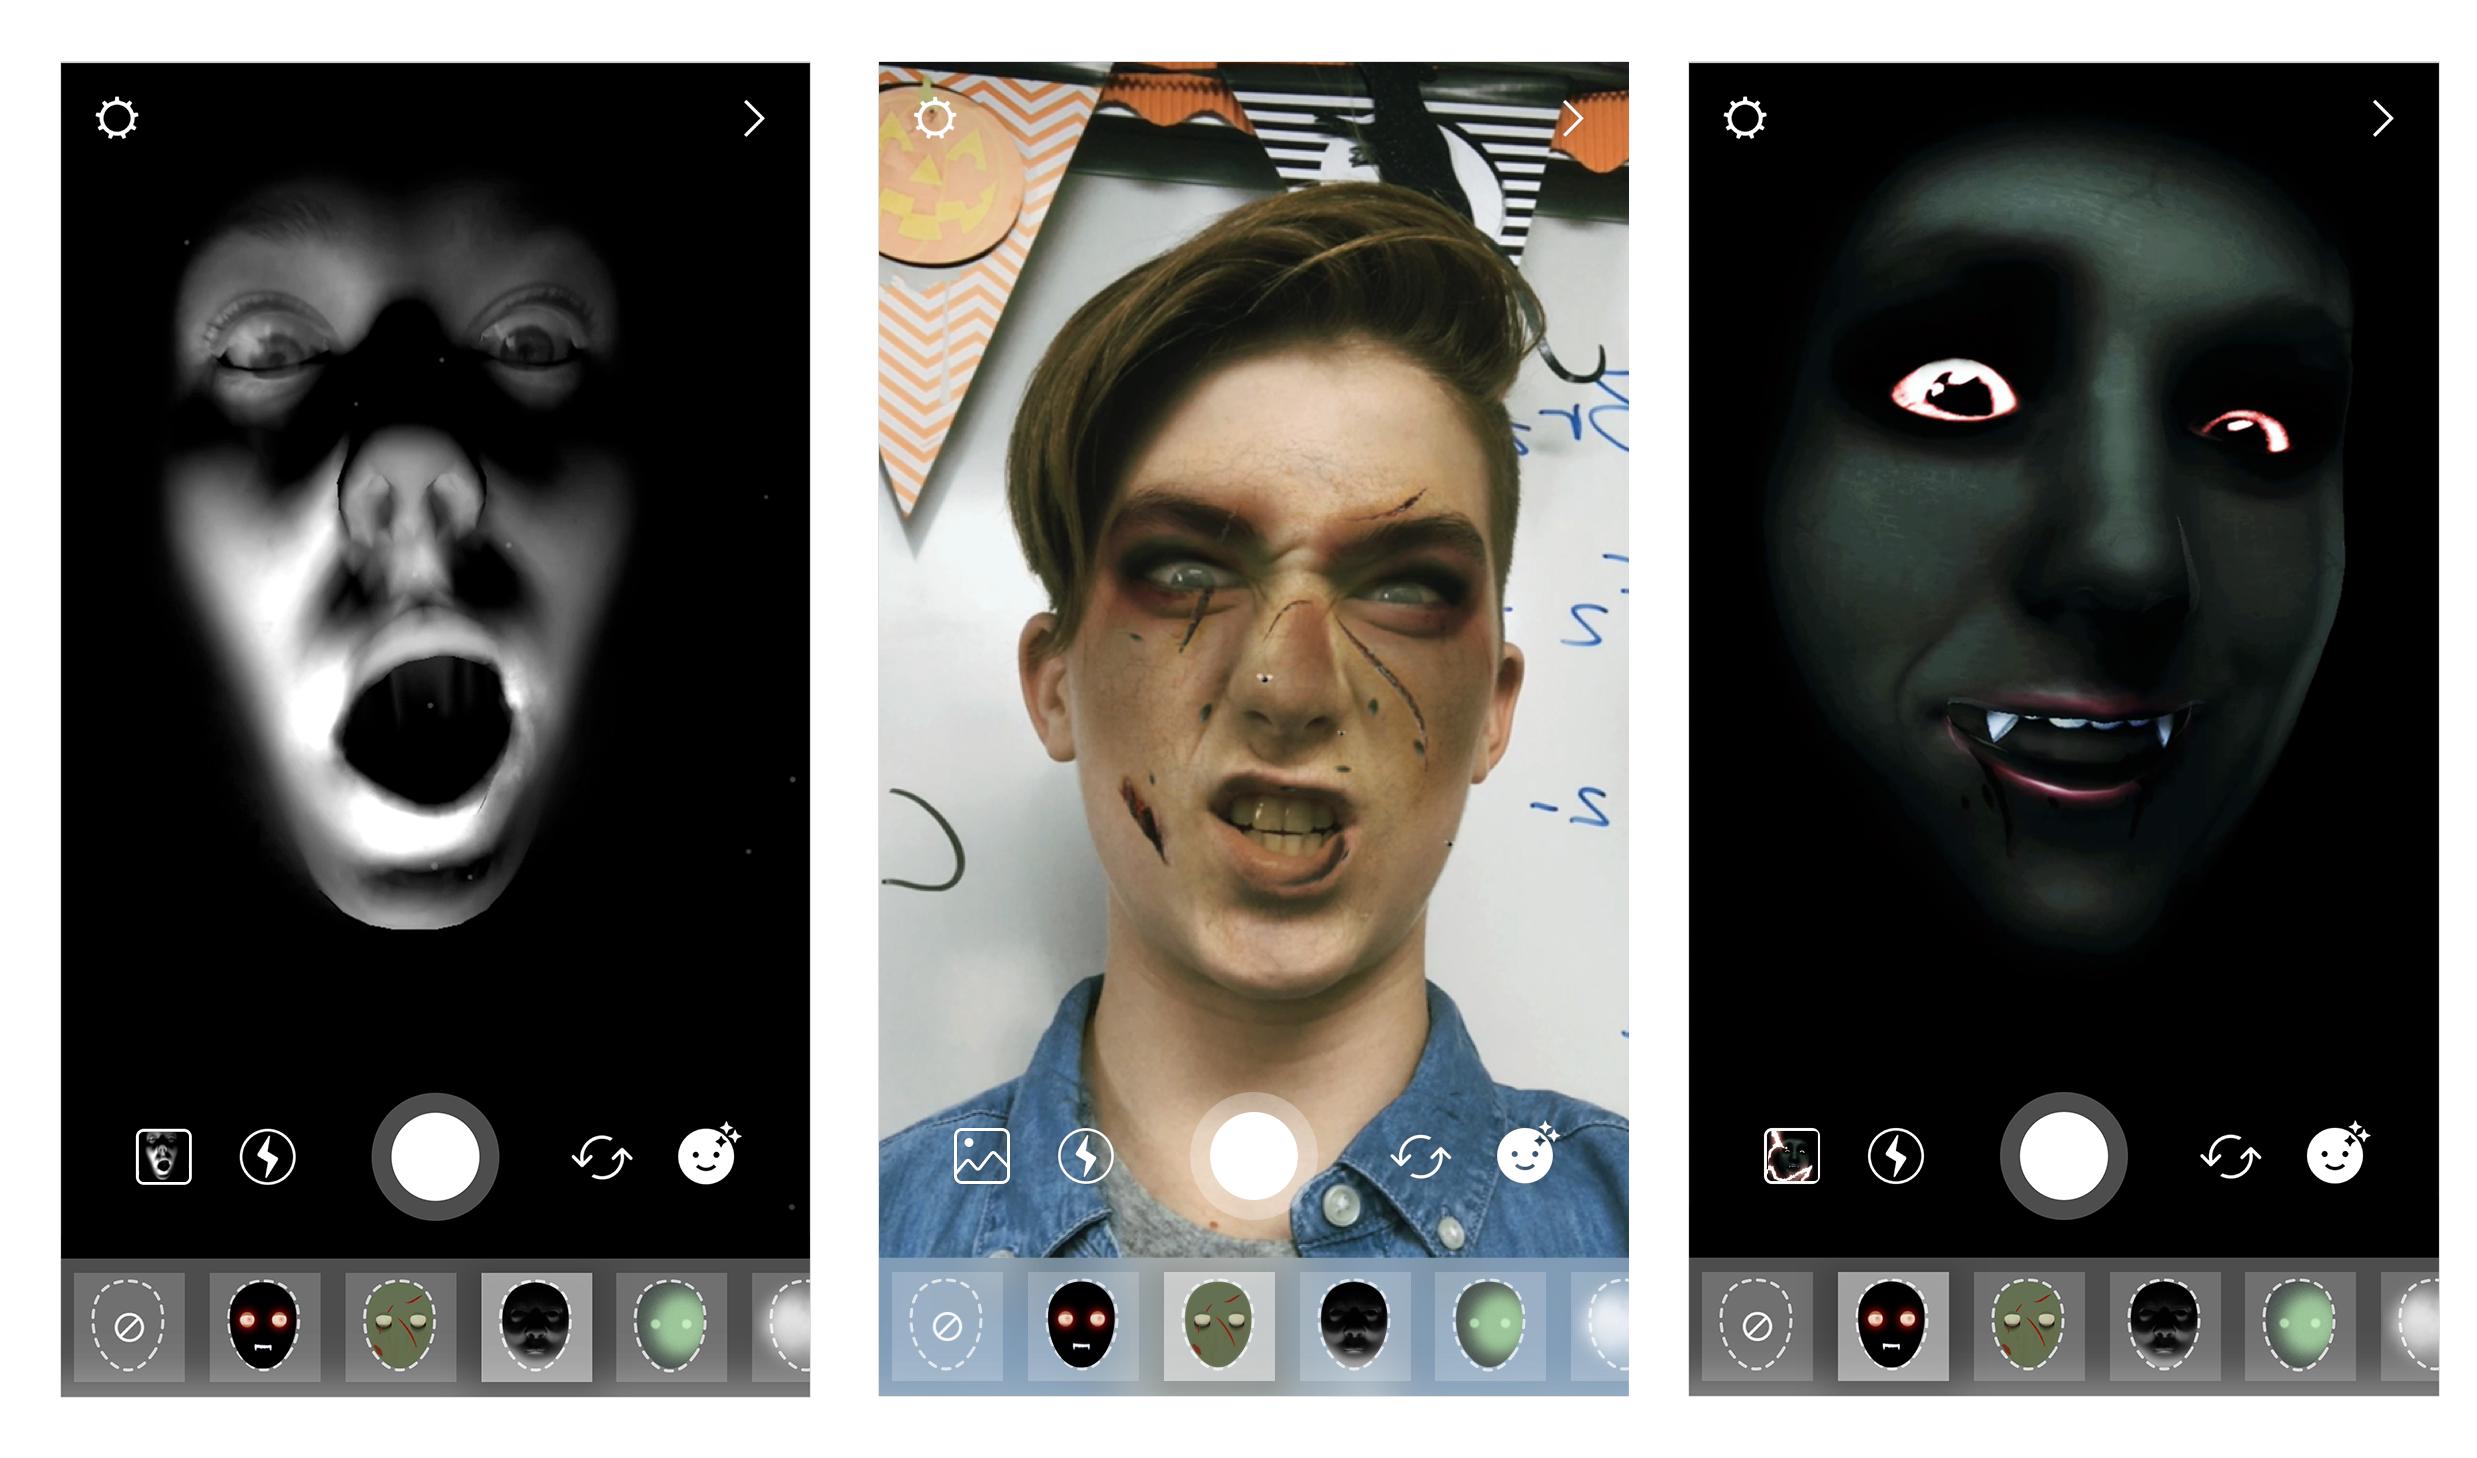 Novos efeitos e filtros do Instagram: Superzoom e Halloween